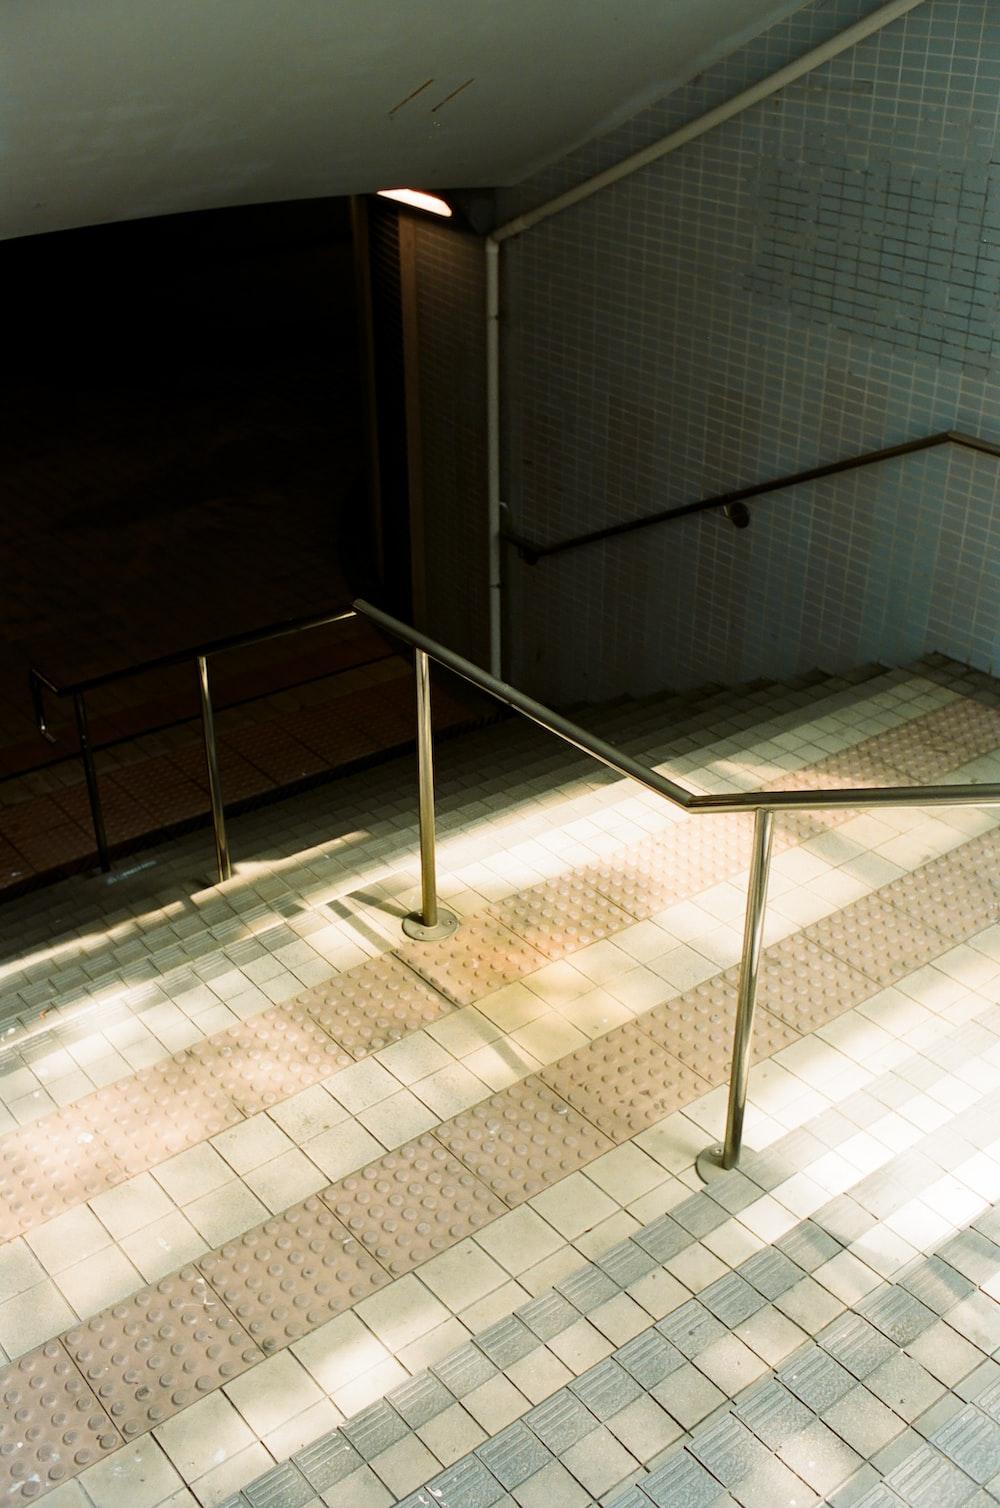 stainless steel railings on white ceramic tiles